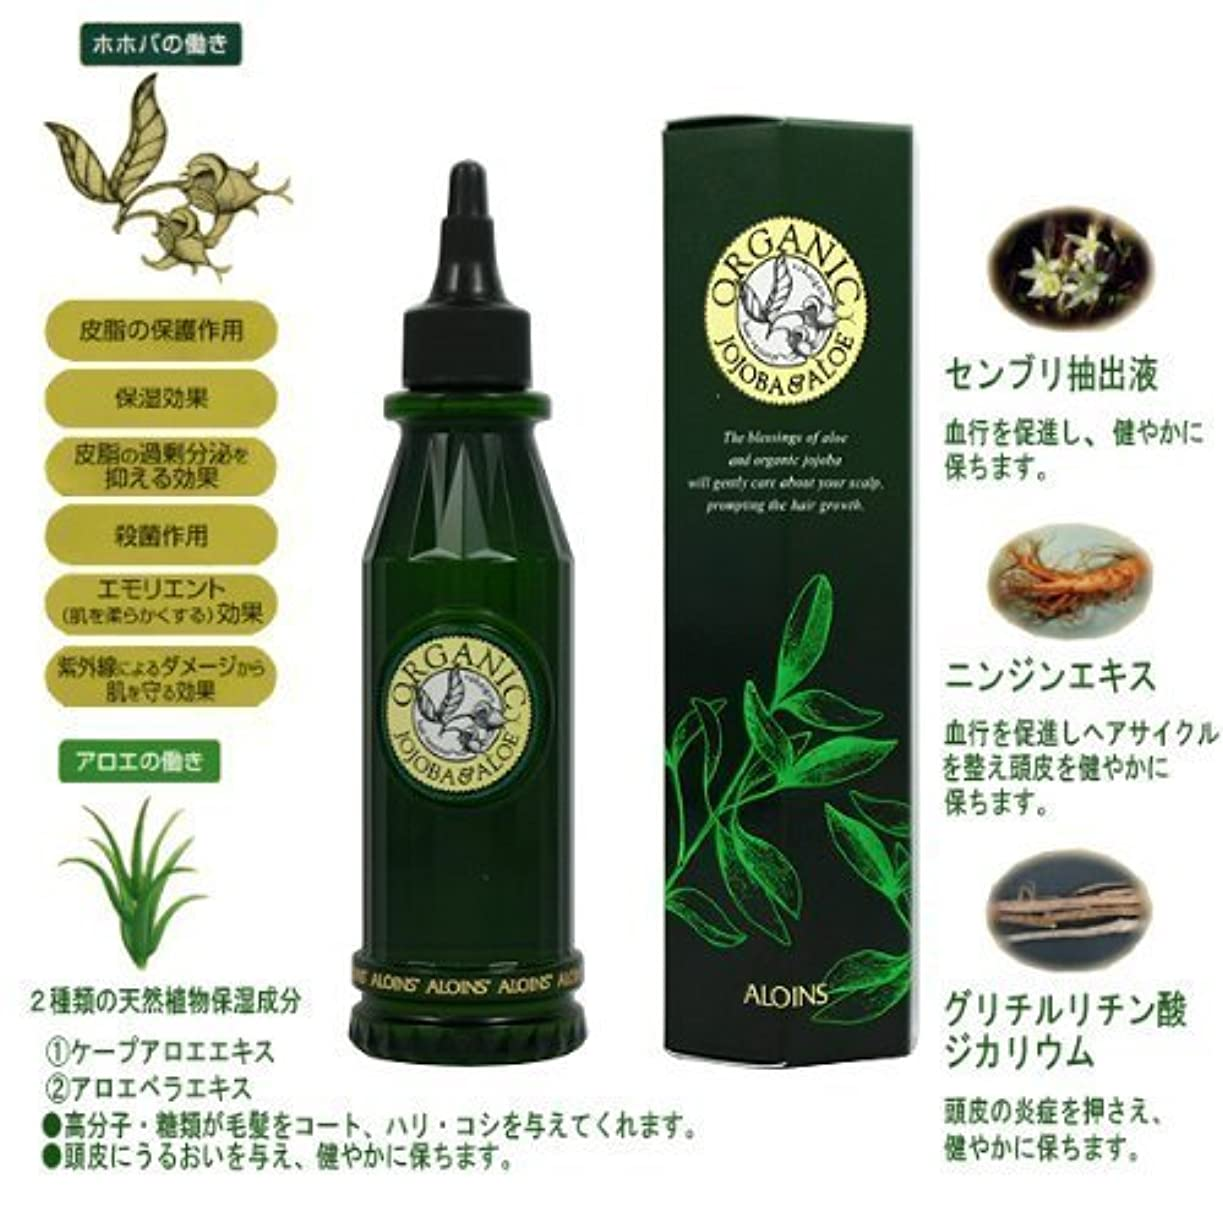 手入れ評論家一般的なアロインス 薬用蘆薈元(ろかいげん)育毛剤 180ml